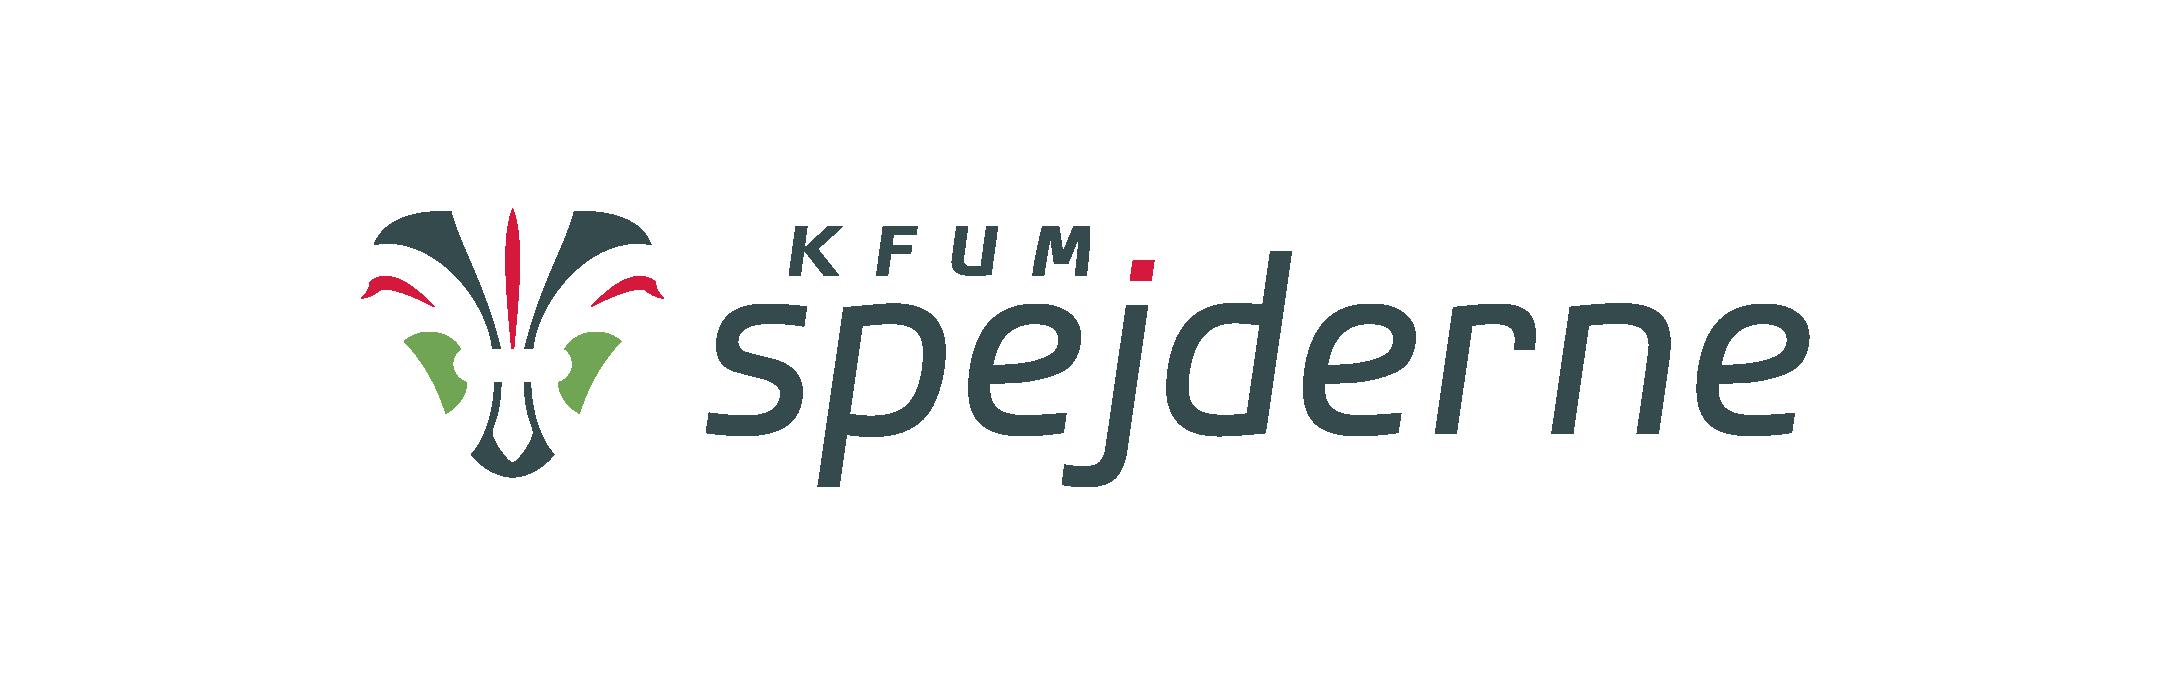 logo_spejder